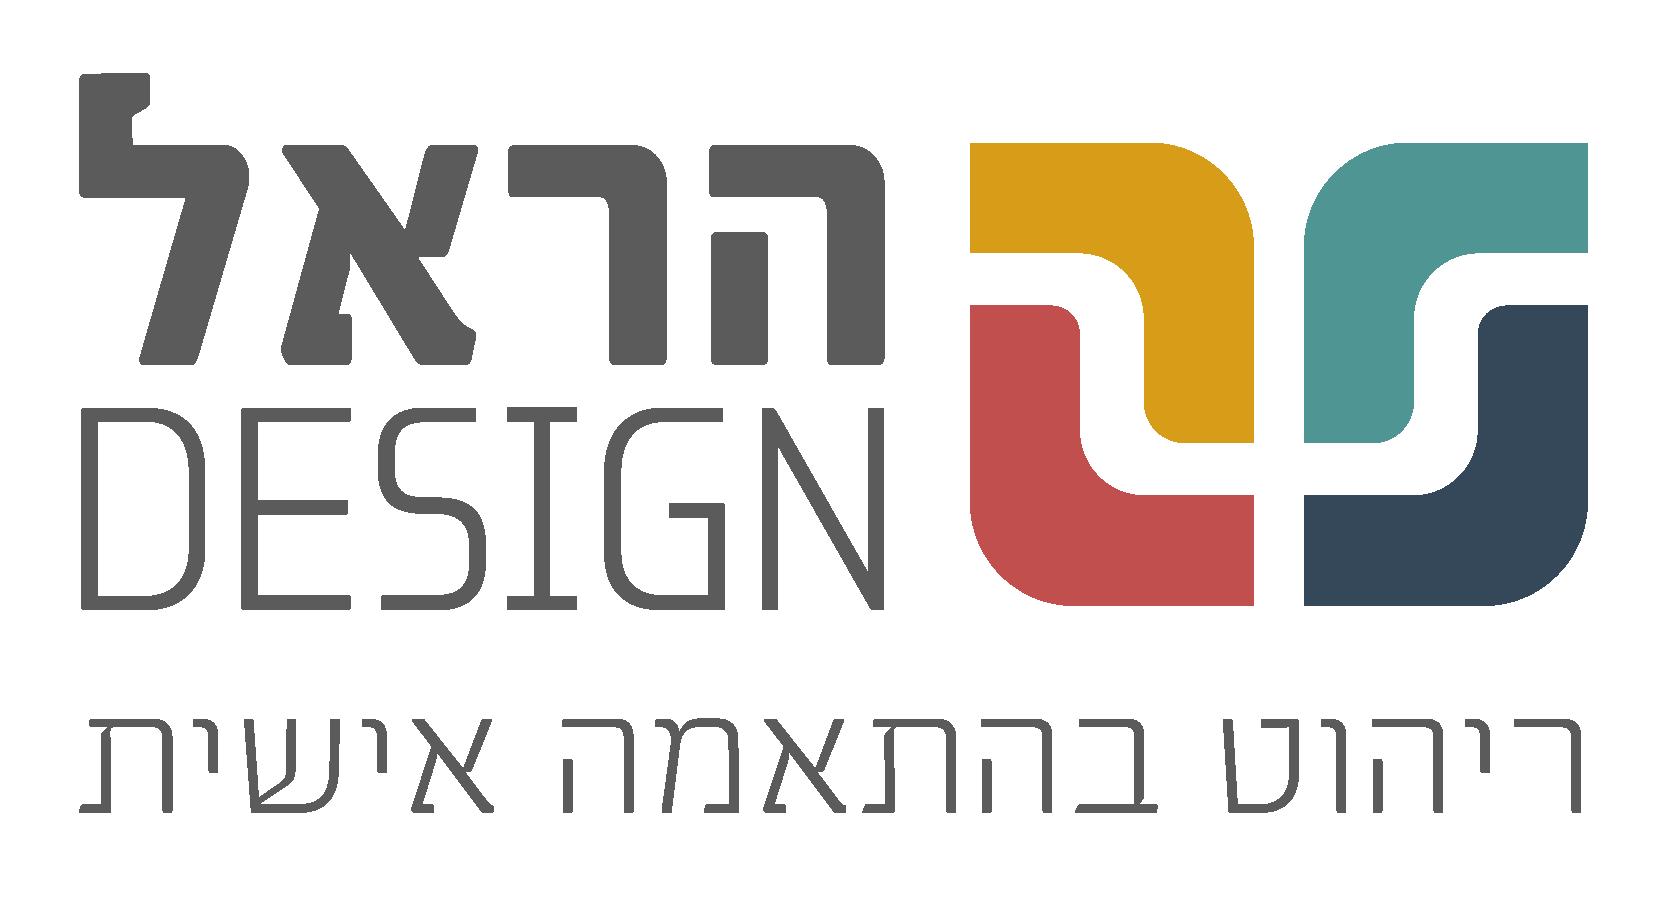 הילה הראל - Harel design